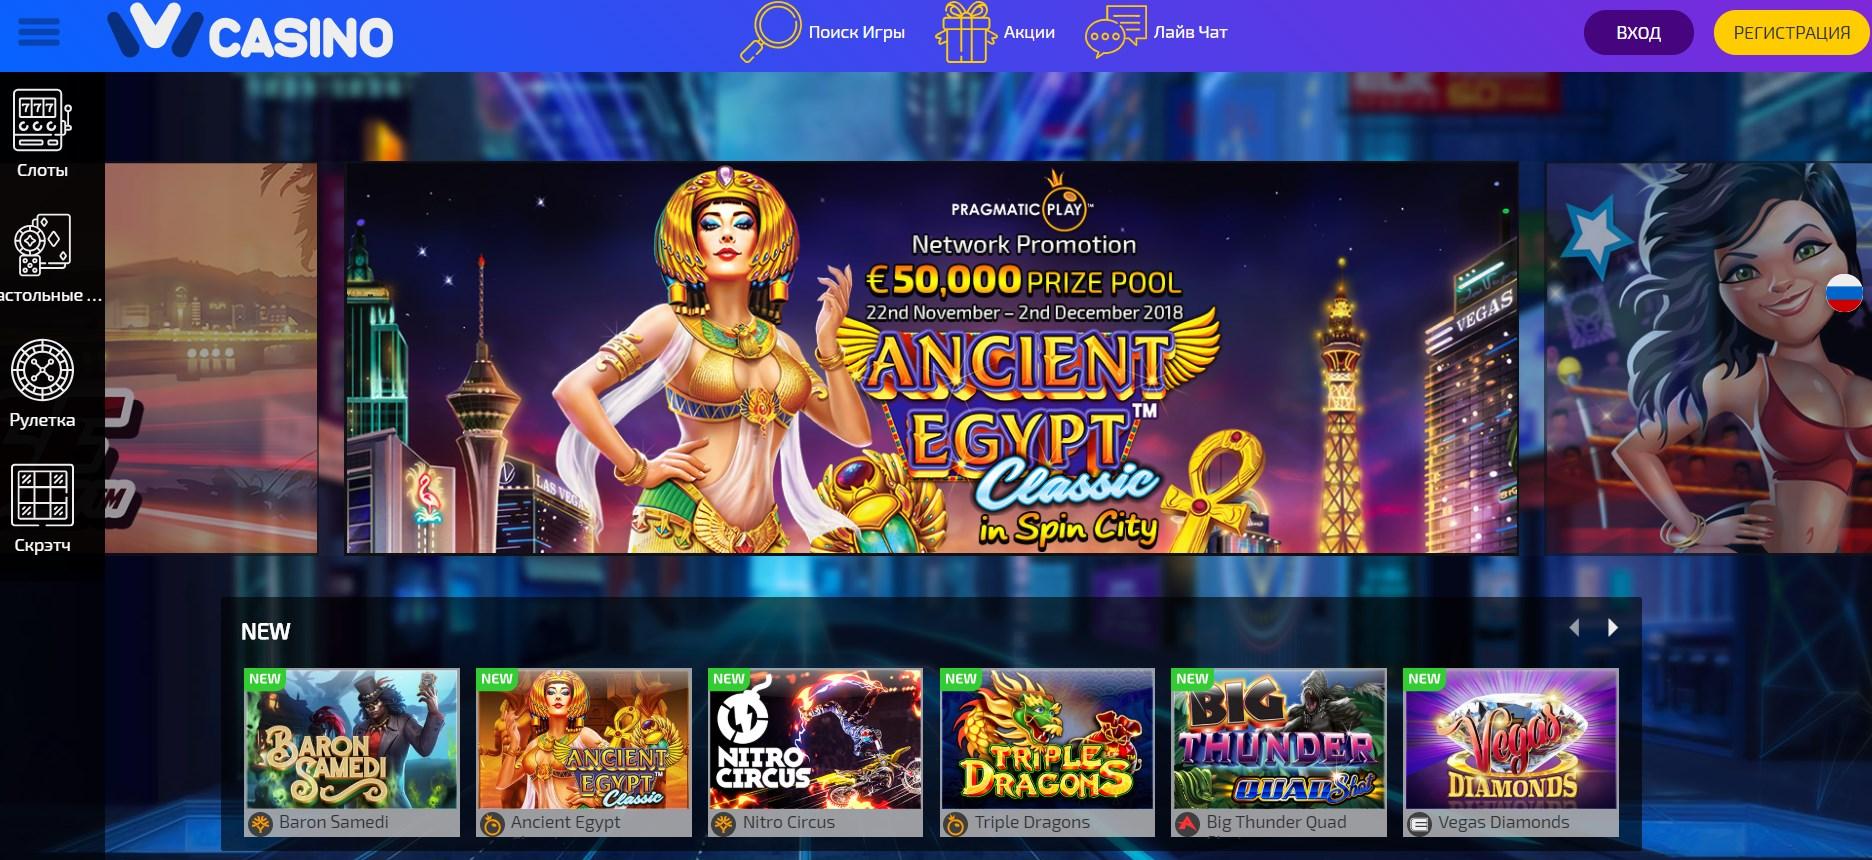 Самые надежные онлайн-казино